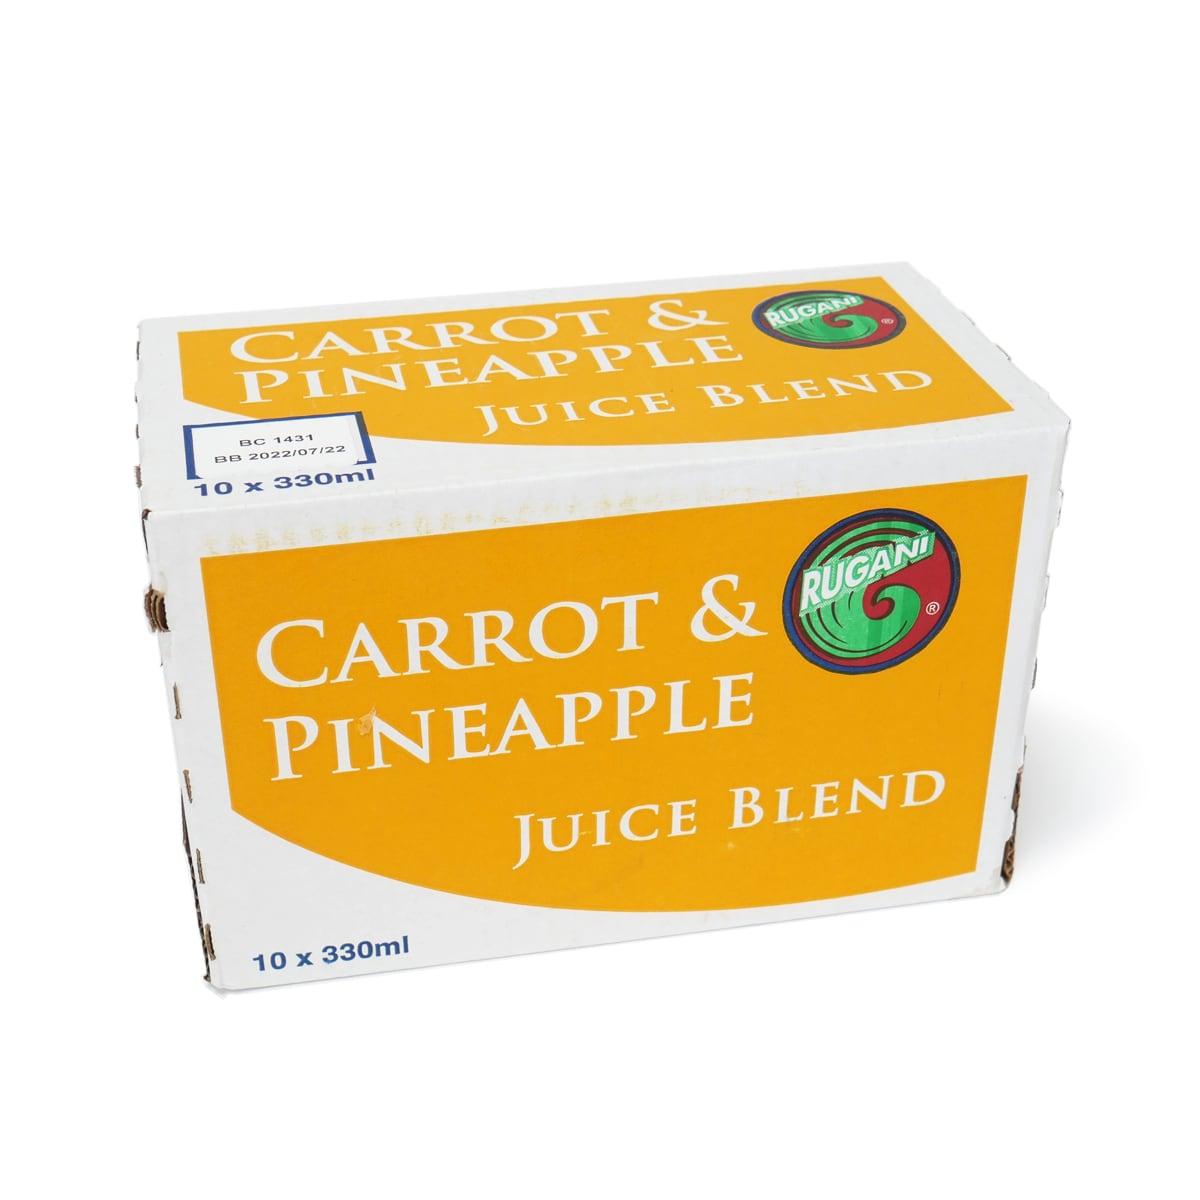 RUGANI(ルガーニ) キャロット&パイナップルジュースブレンド 330ml×10本 外箱